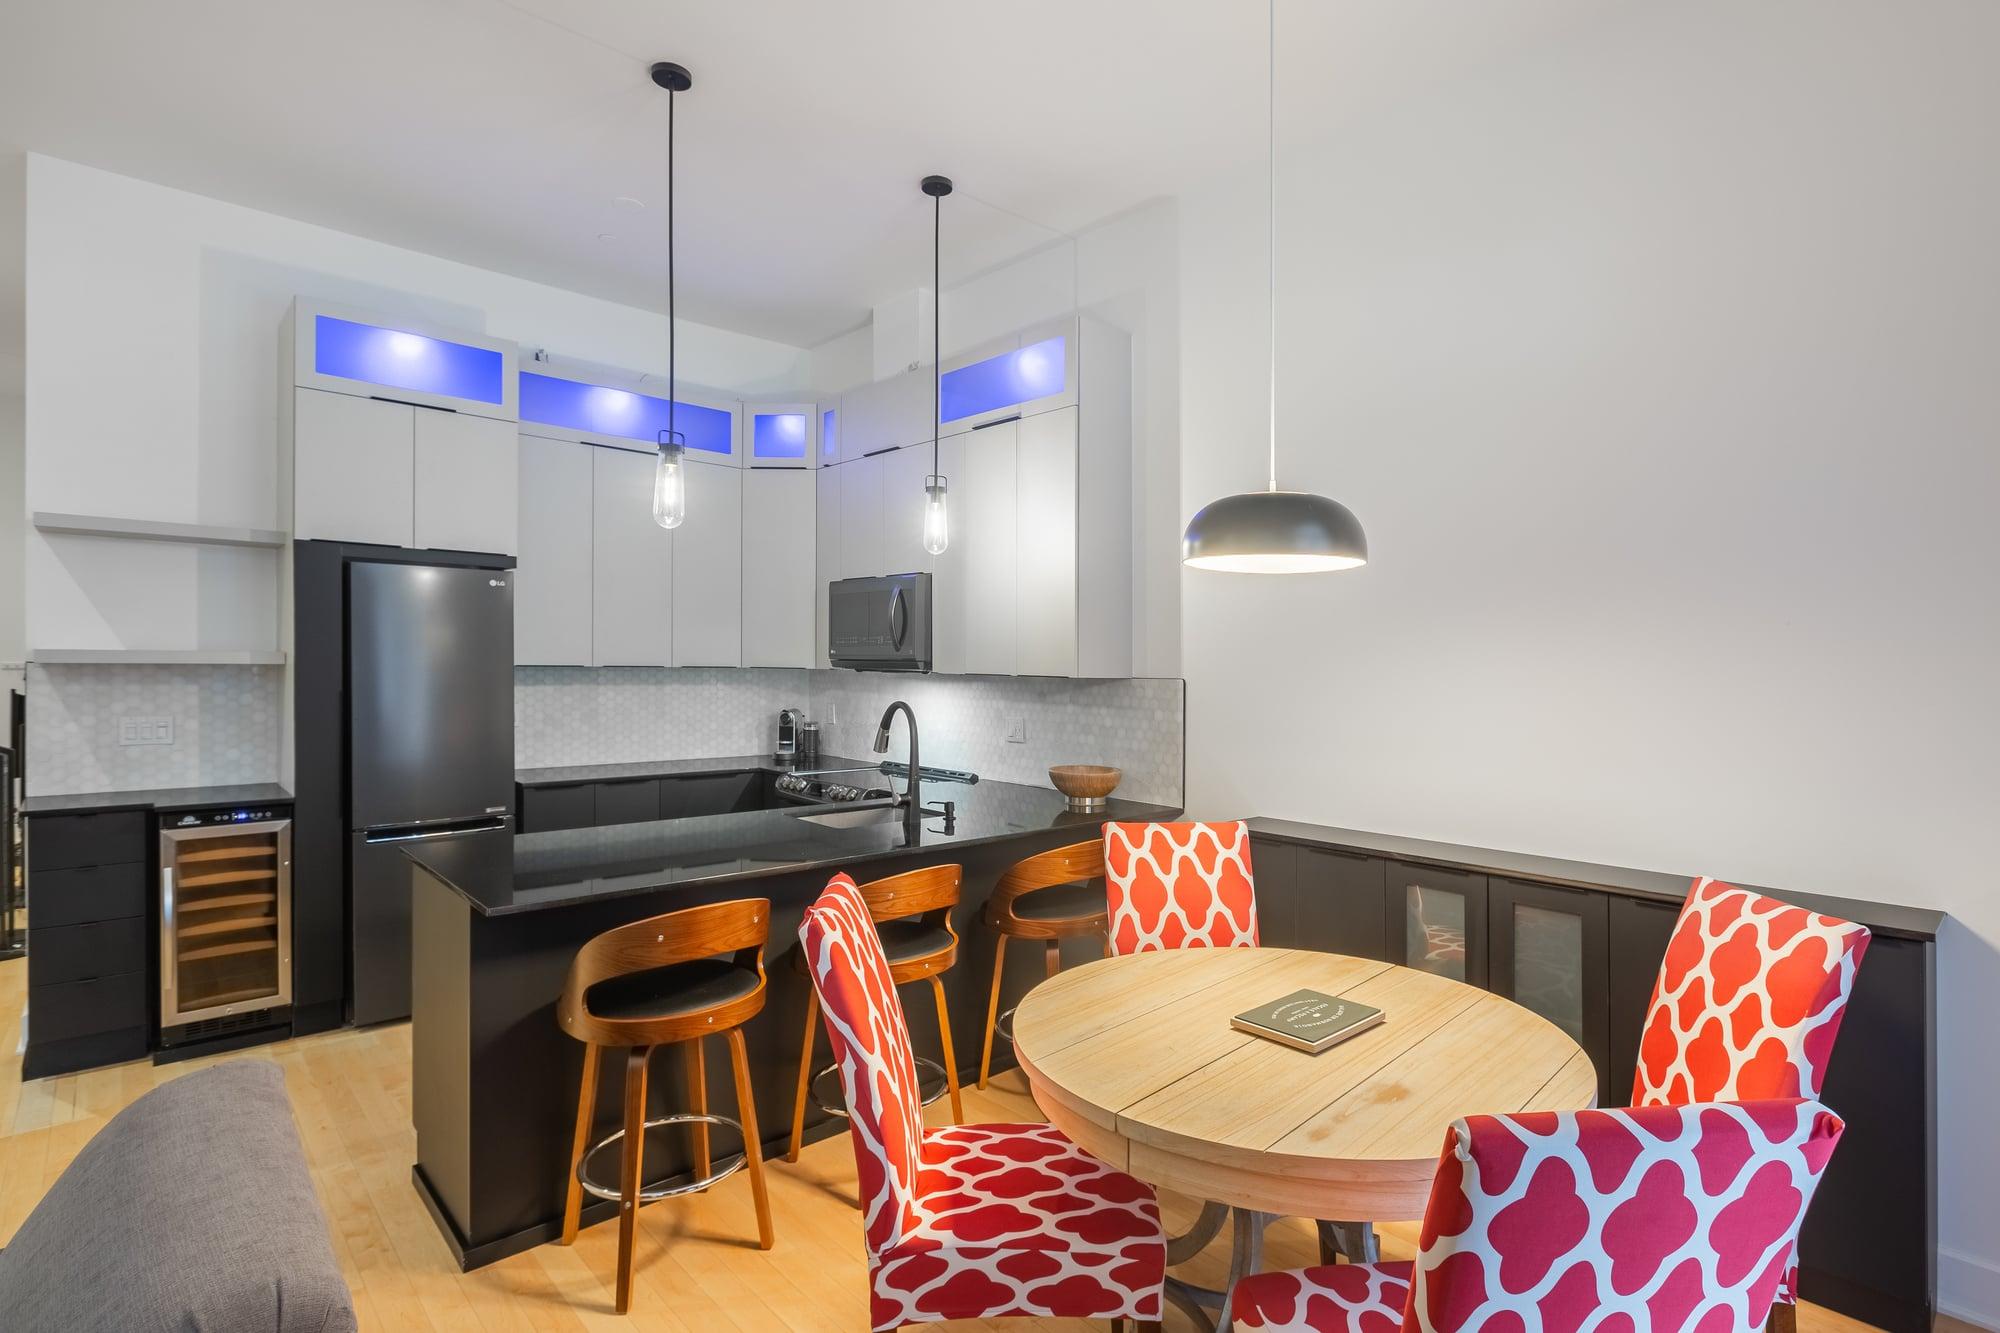 cuisine contemporaine avec armoires deux tons, comptoir noir et table avec 4 chaises